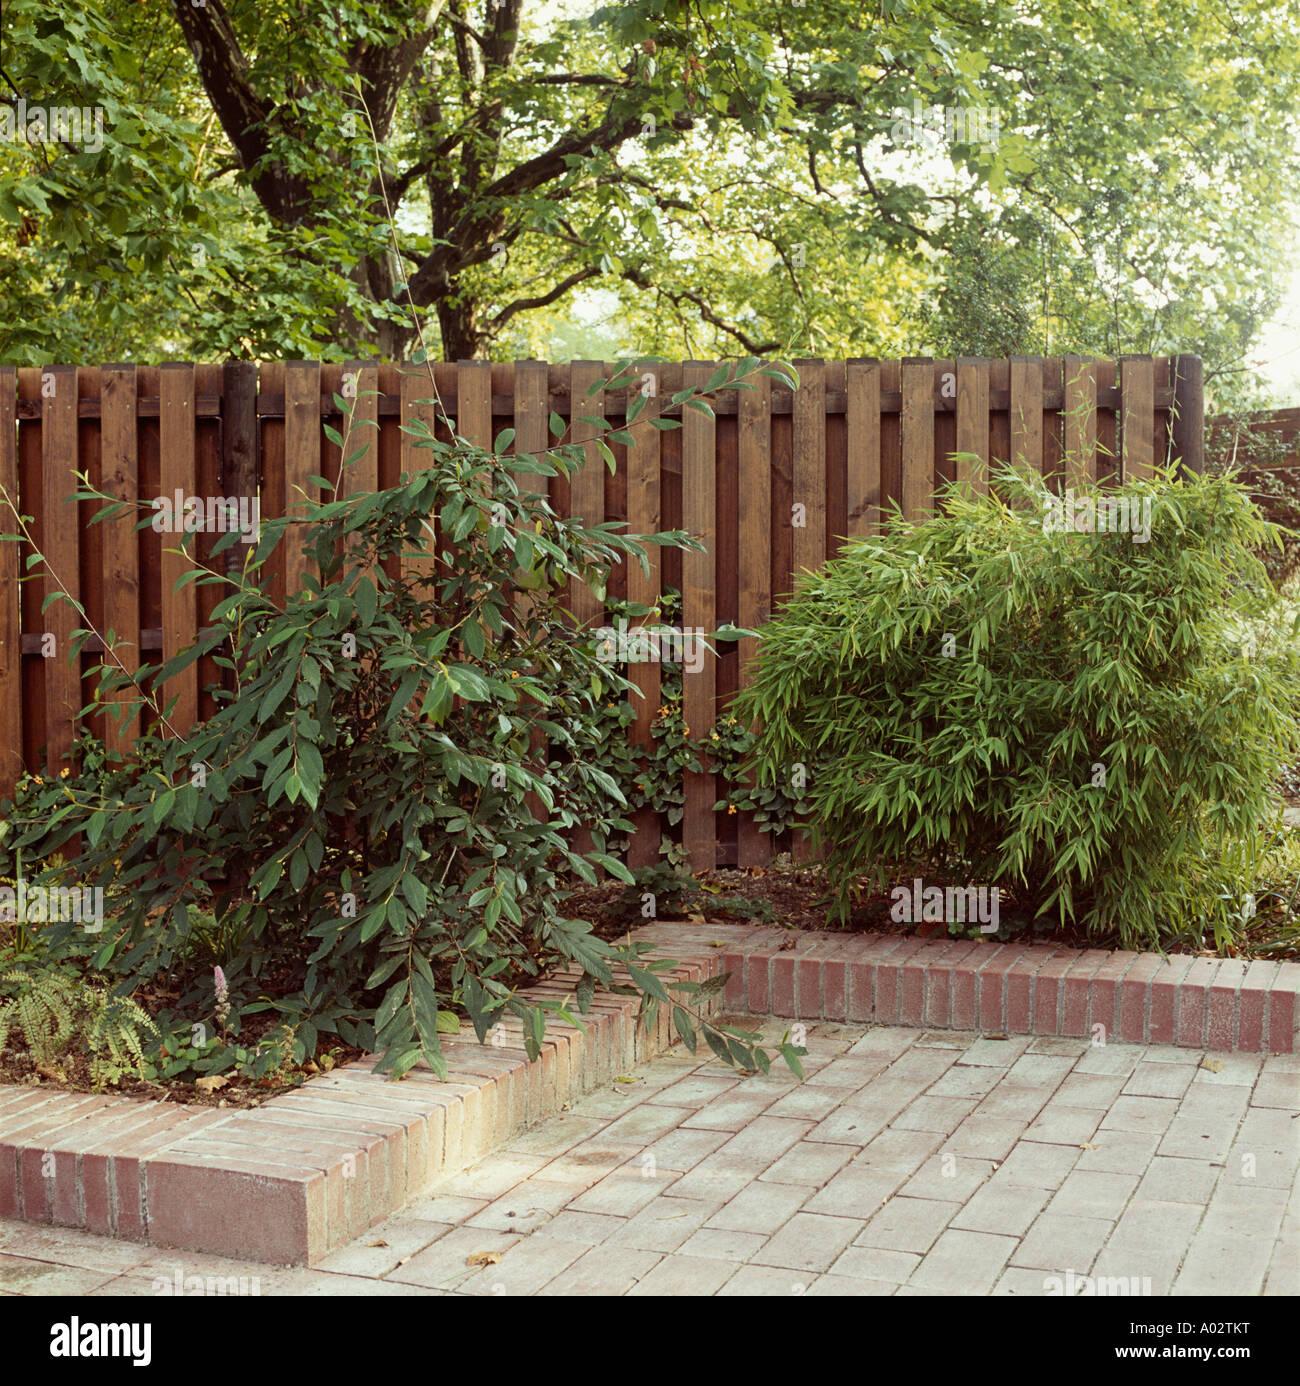 Mattoni Per Recinzione Giardino.Sollevate La Striscia Di Mattoni Su Giardino Confine Con